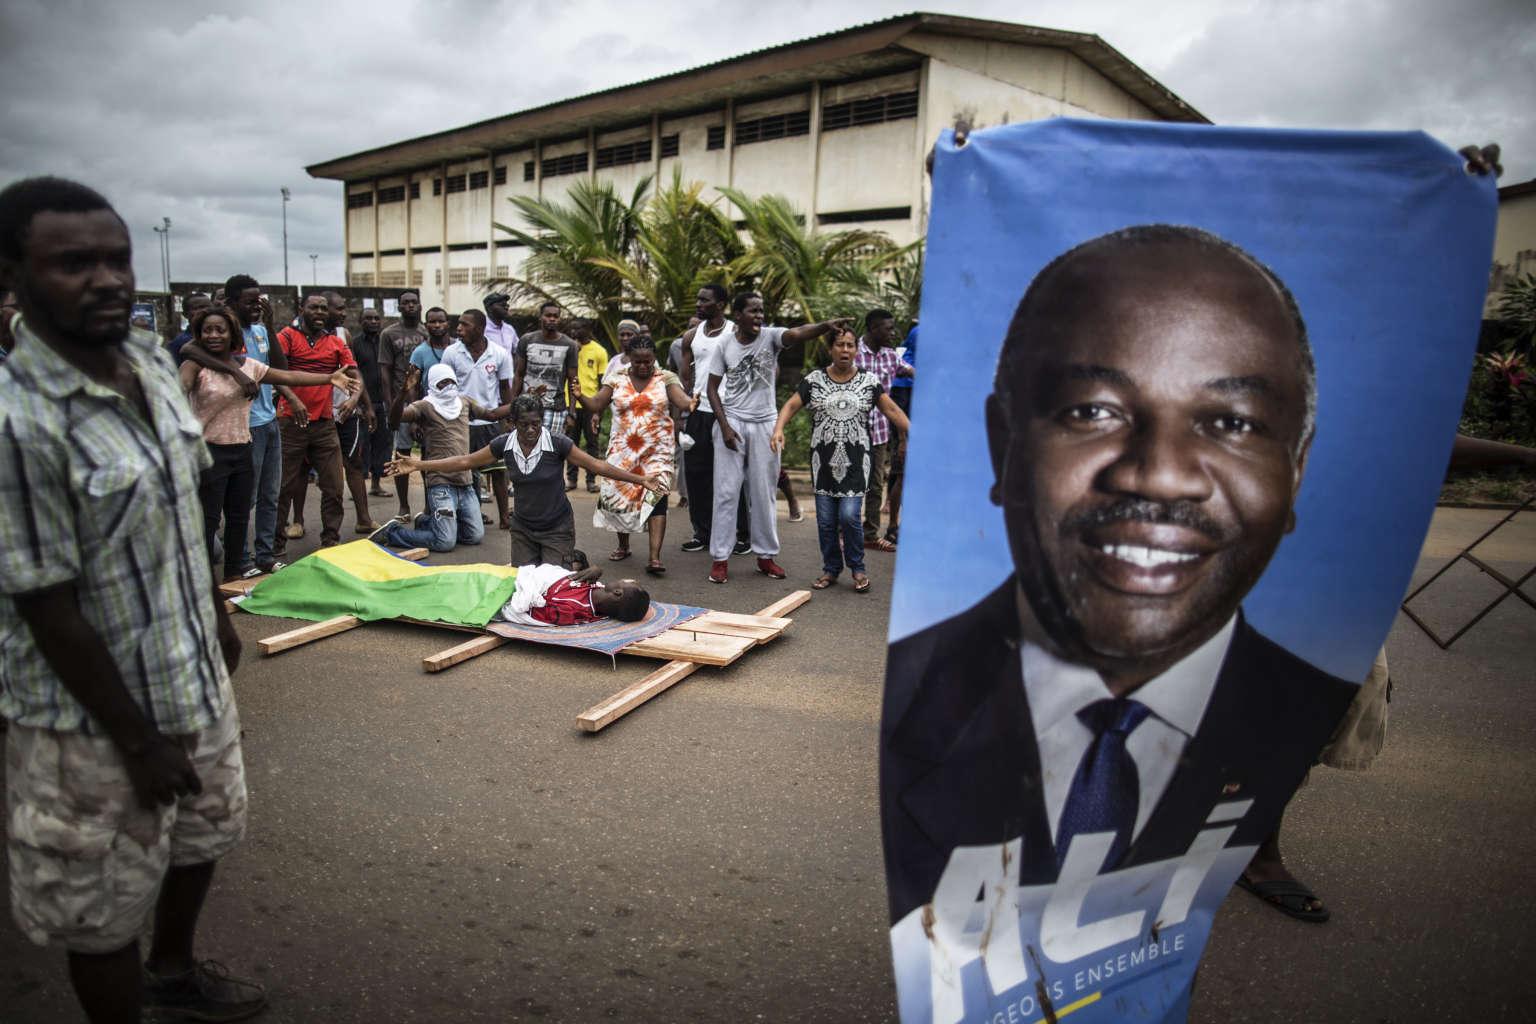 A Libreville, après la réélection contestée dans la rue du président gabonais Ali Bongo le 1er septembre 2016.